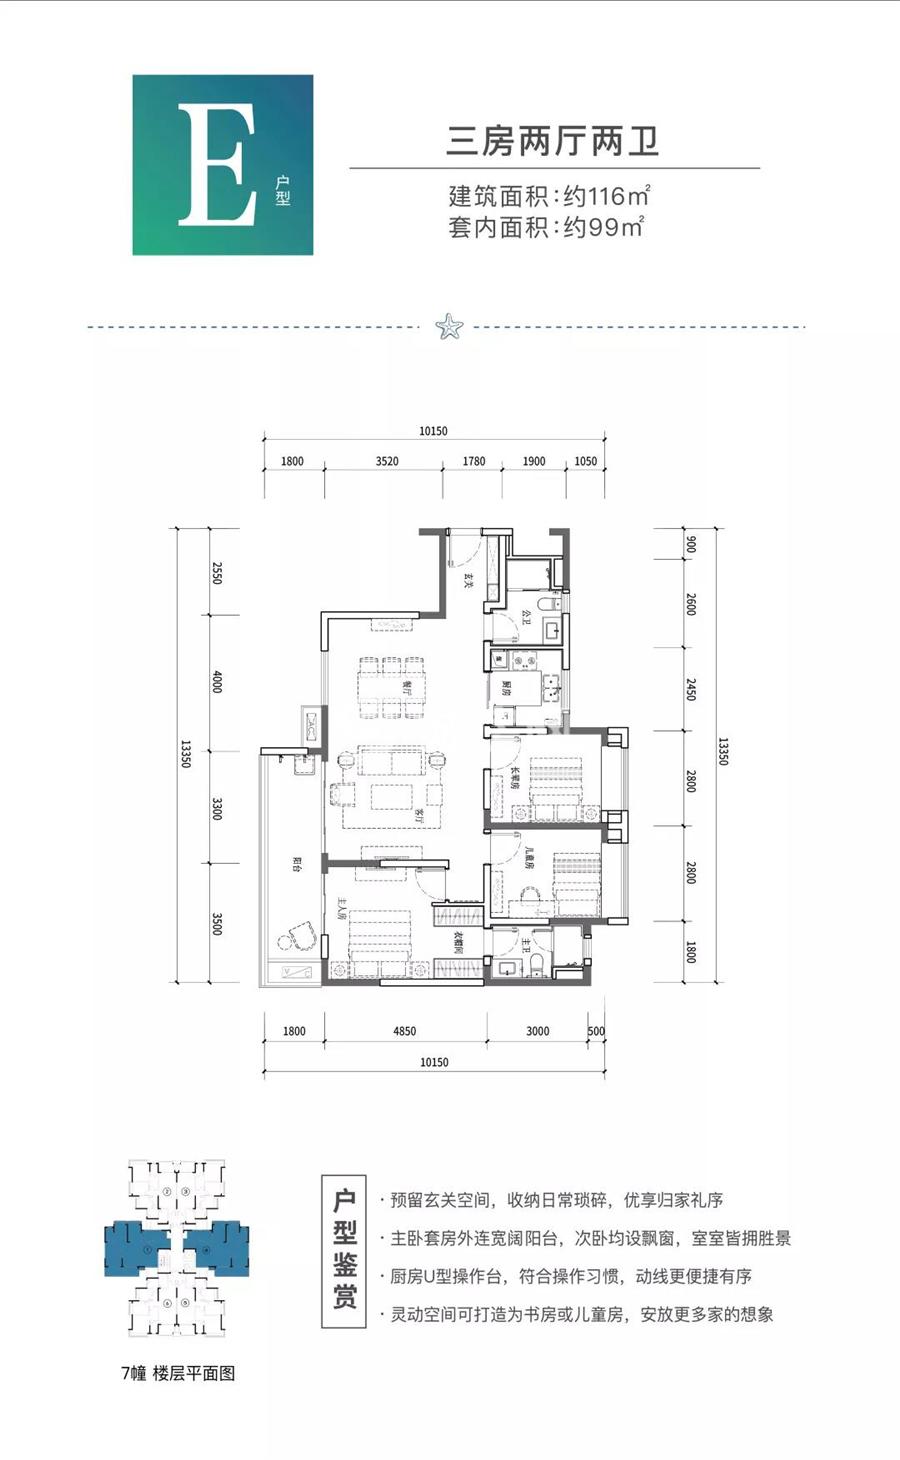 雅居乐星光城3房2厅2卫